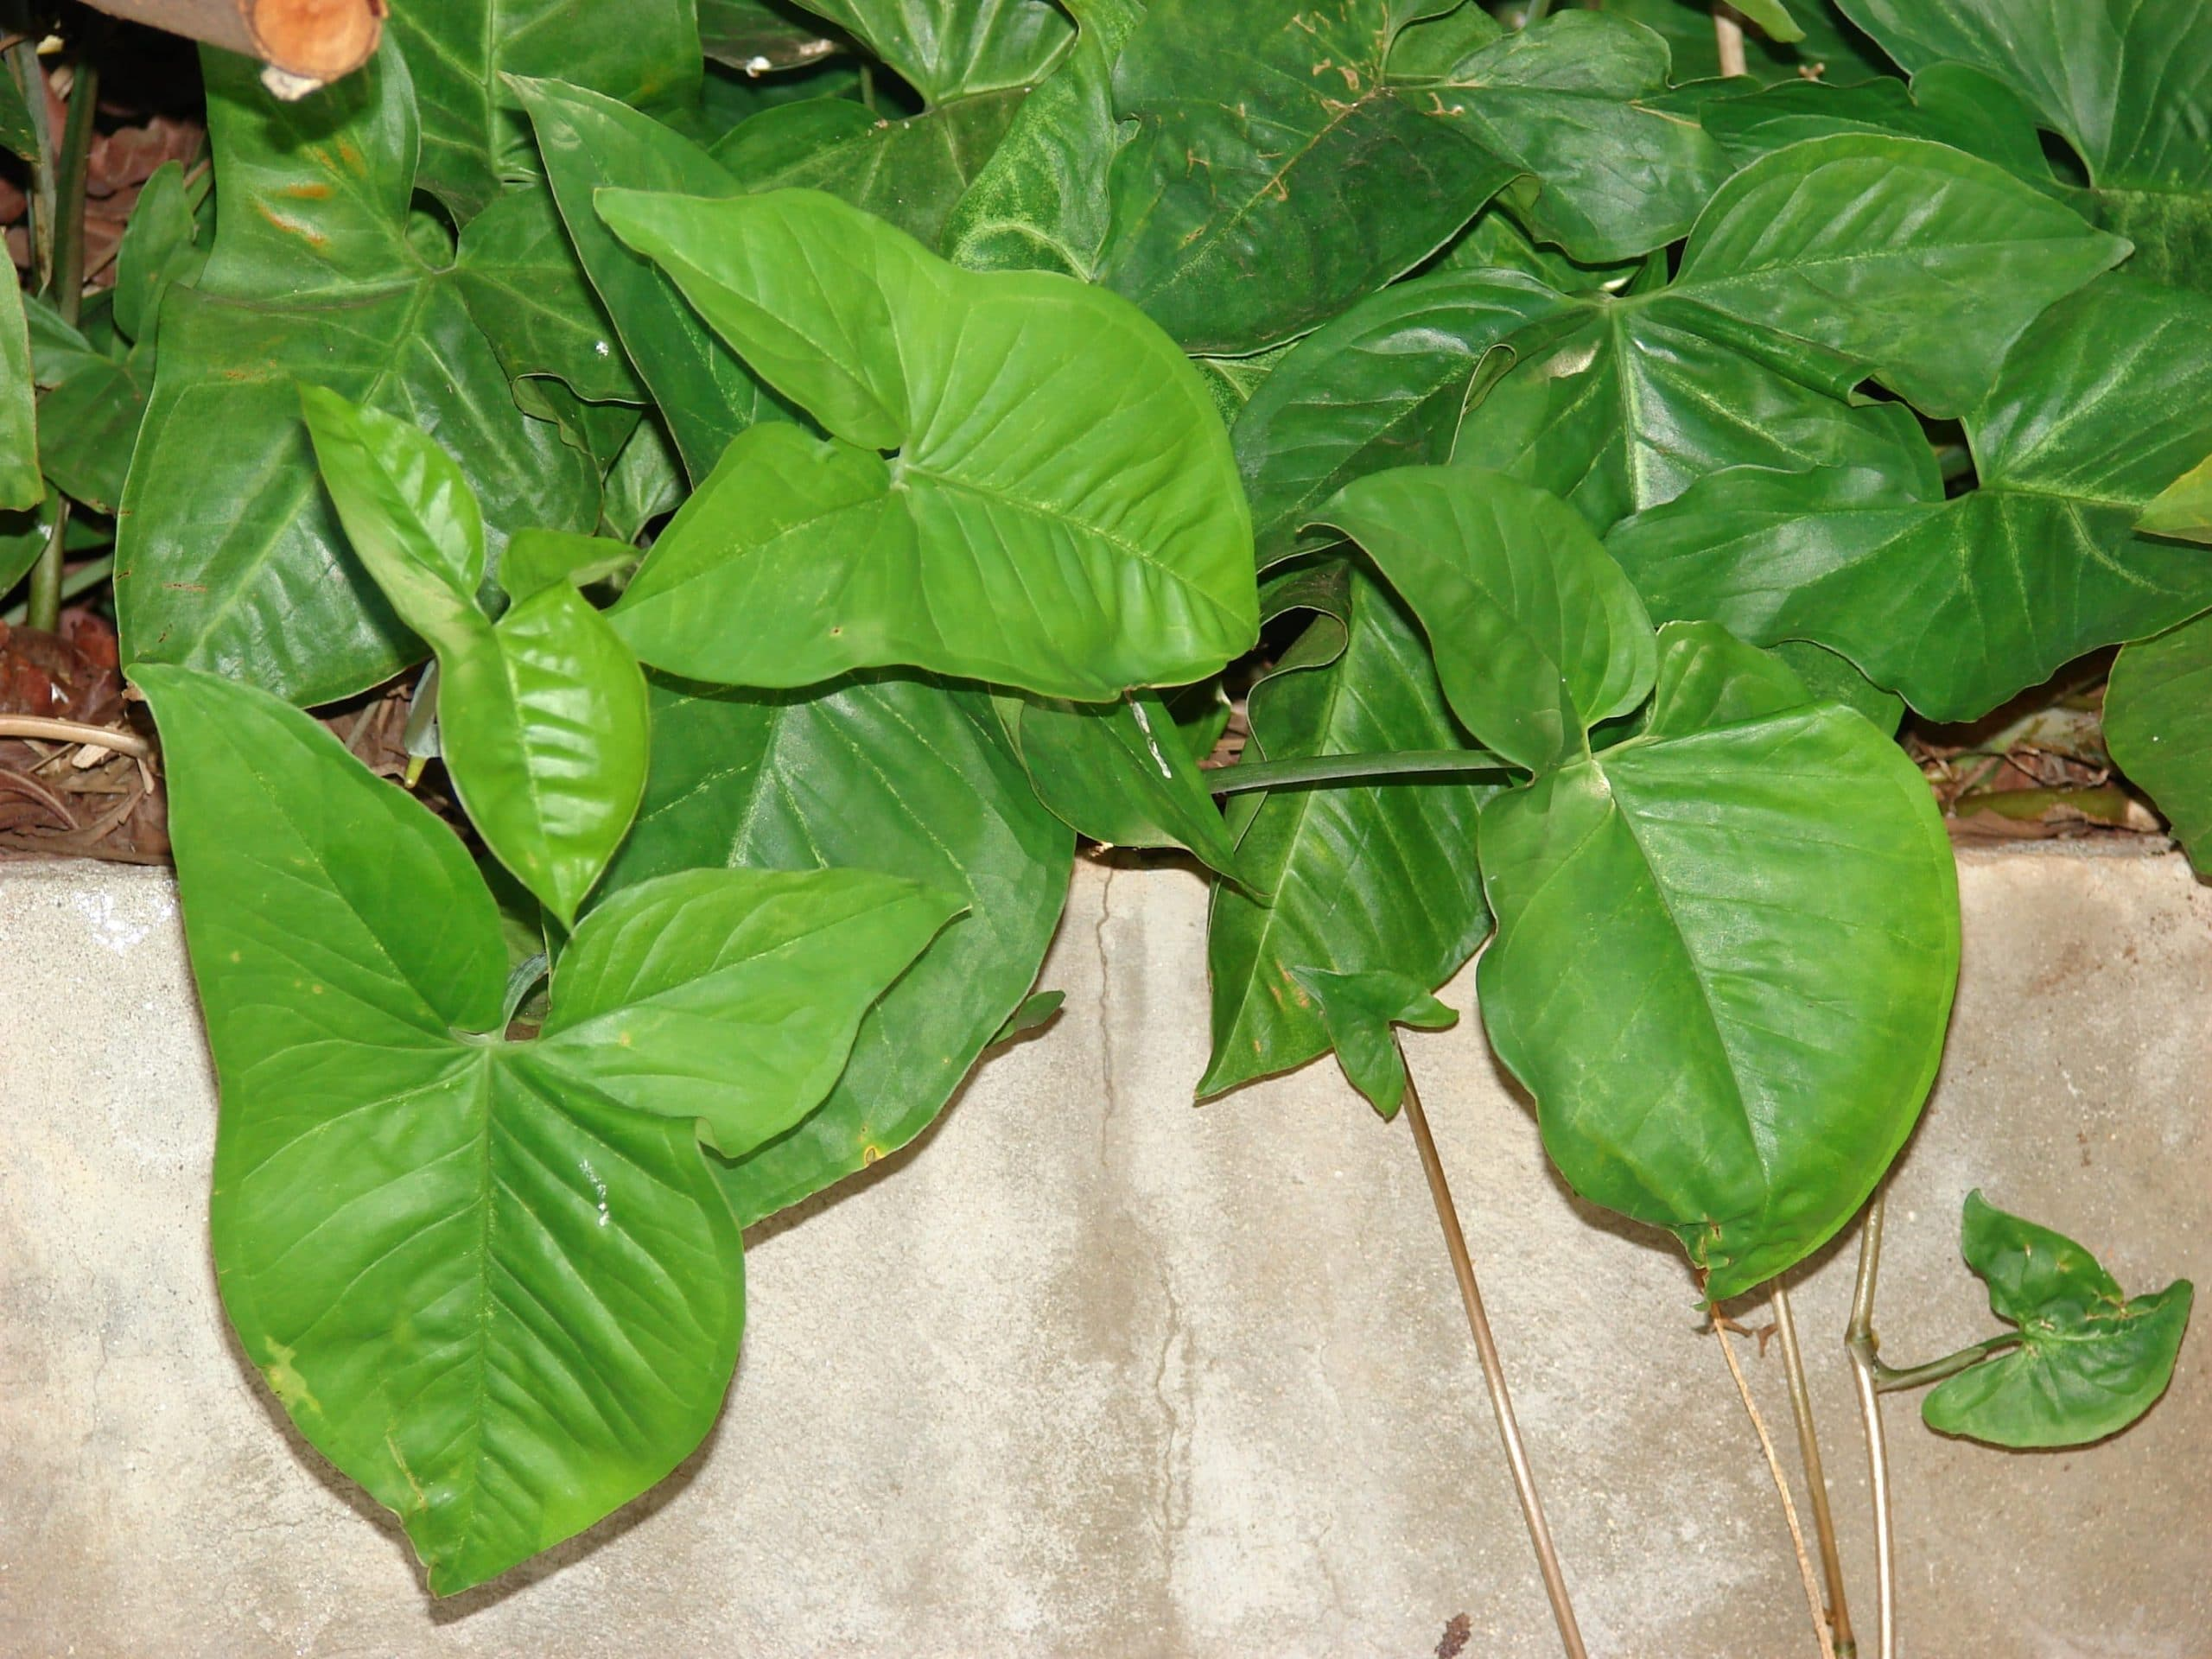 Vista de las hojas del Syngonium podophyllum